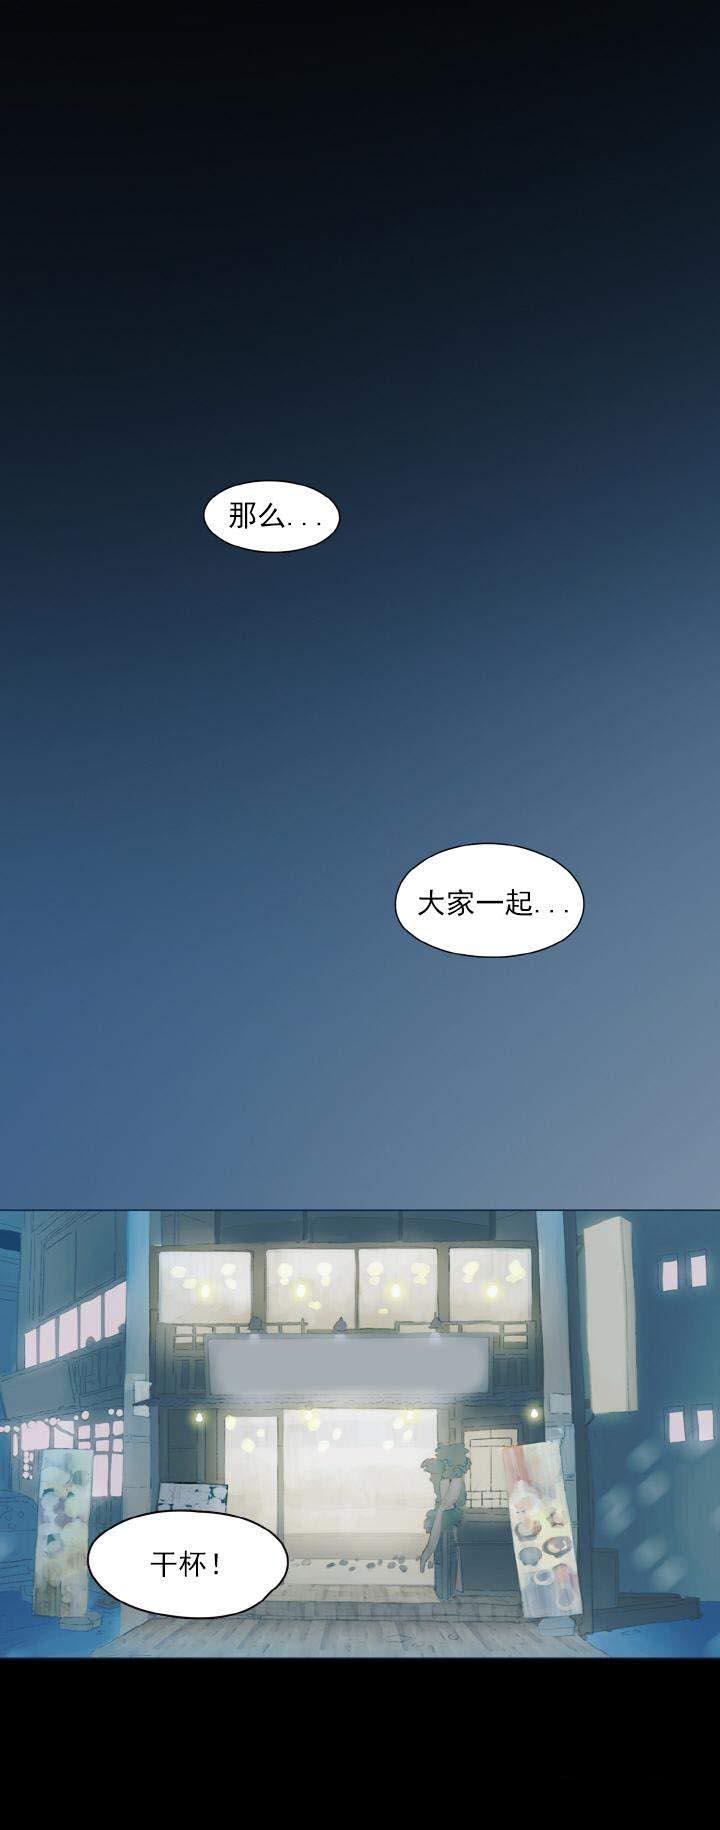 呼吸过度-漫画完整版汉化_全集免费在线阅读-啵乐漫画